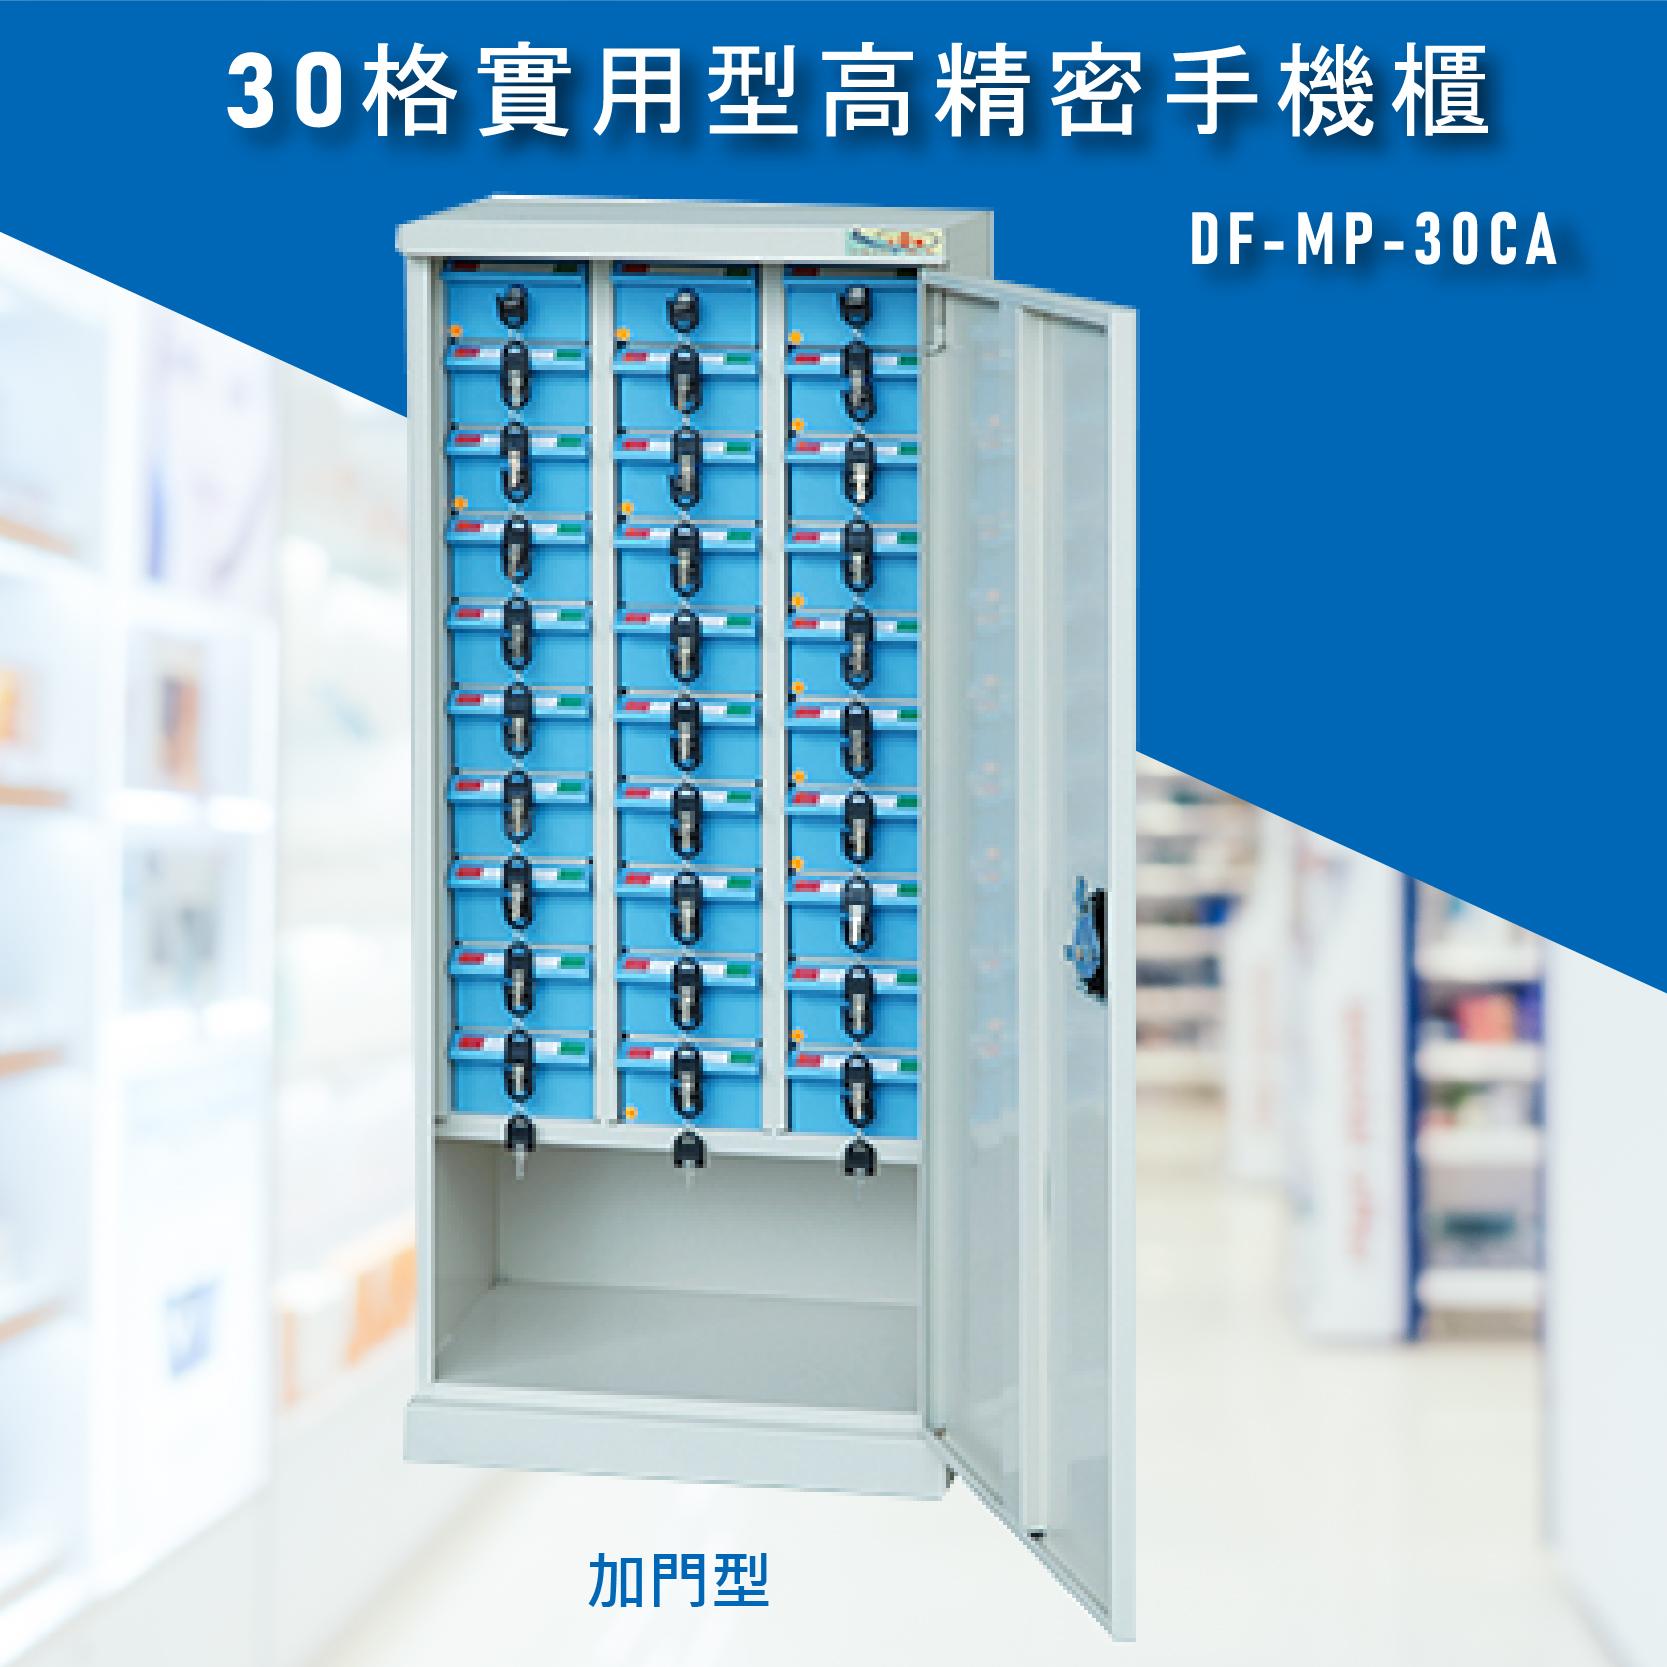 【台灣製造】大富 實用型高精密零件櫃 DF-MP-30CA(加門型) 收納櫃 置物櫃 公文櫃 收納櫃 手機櫃